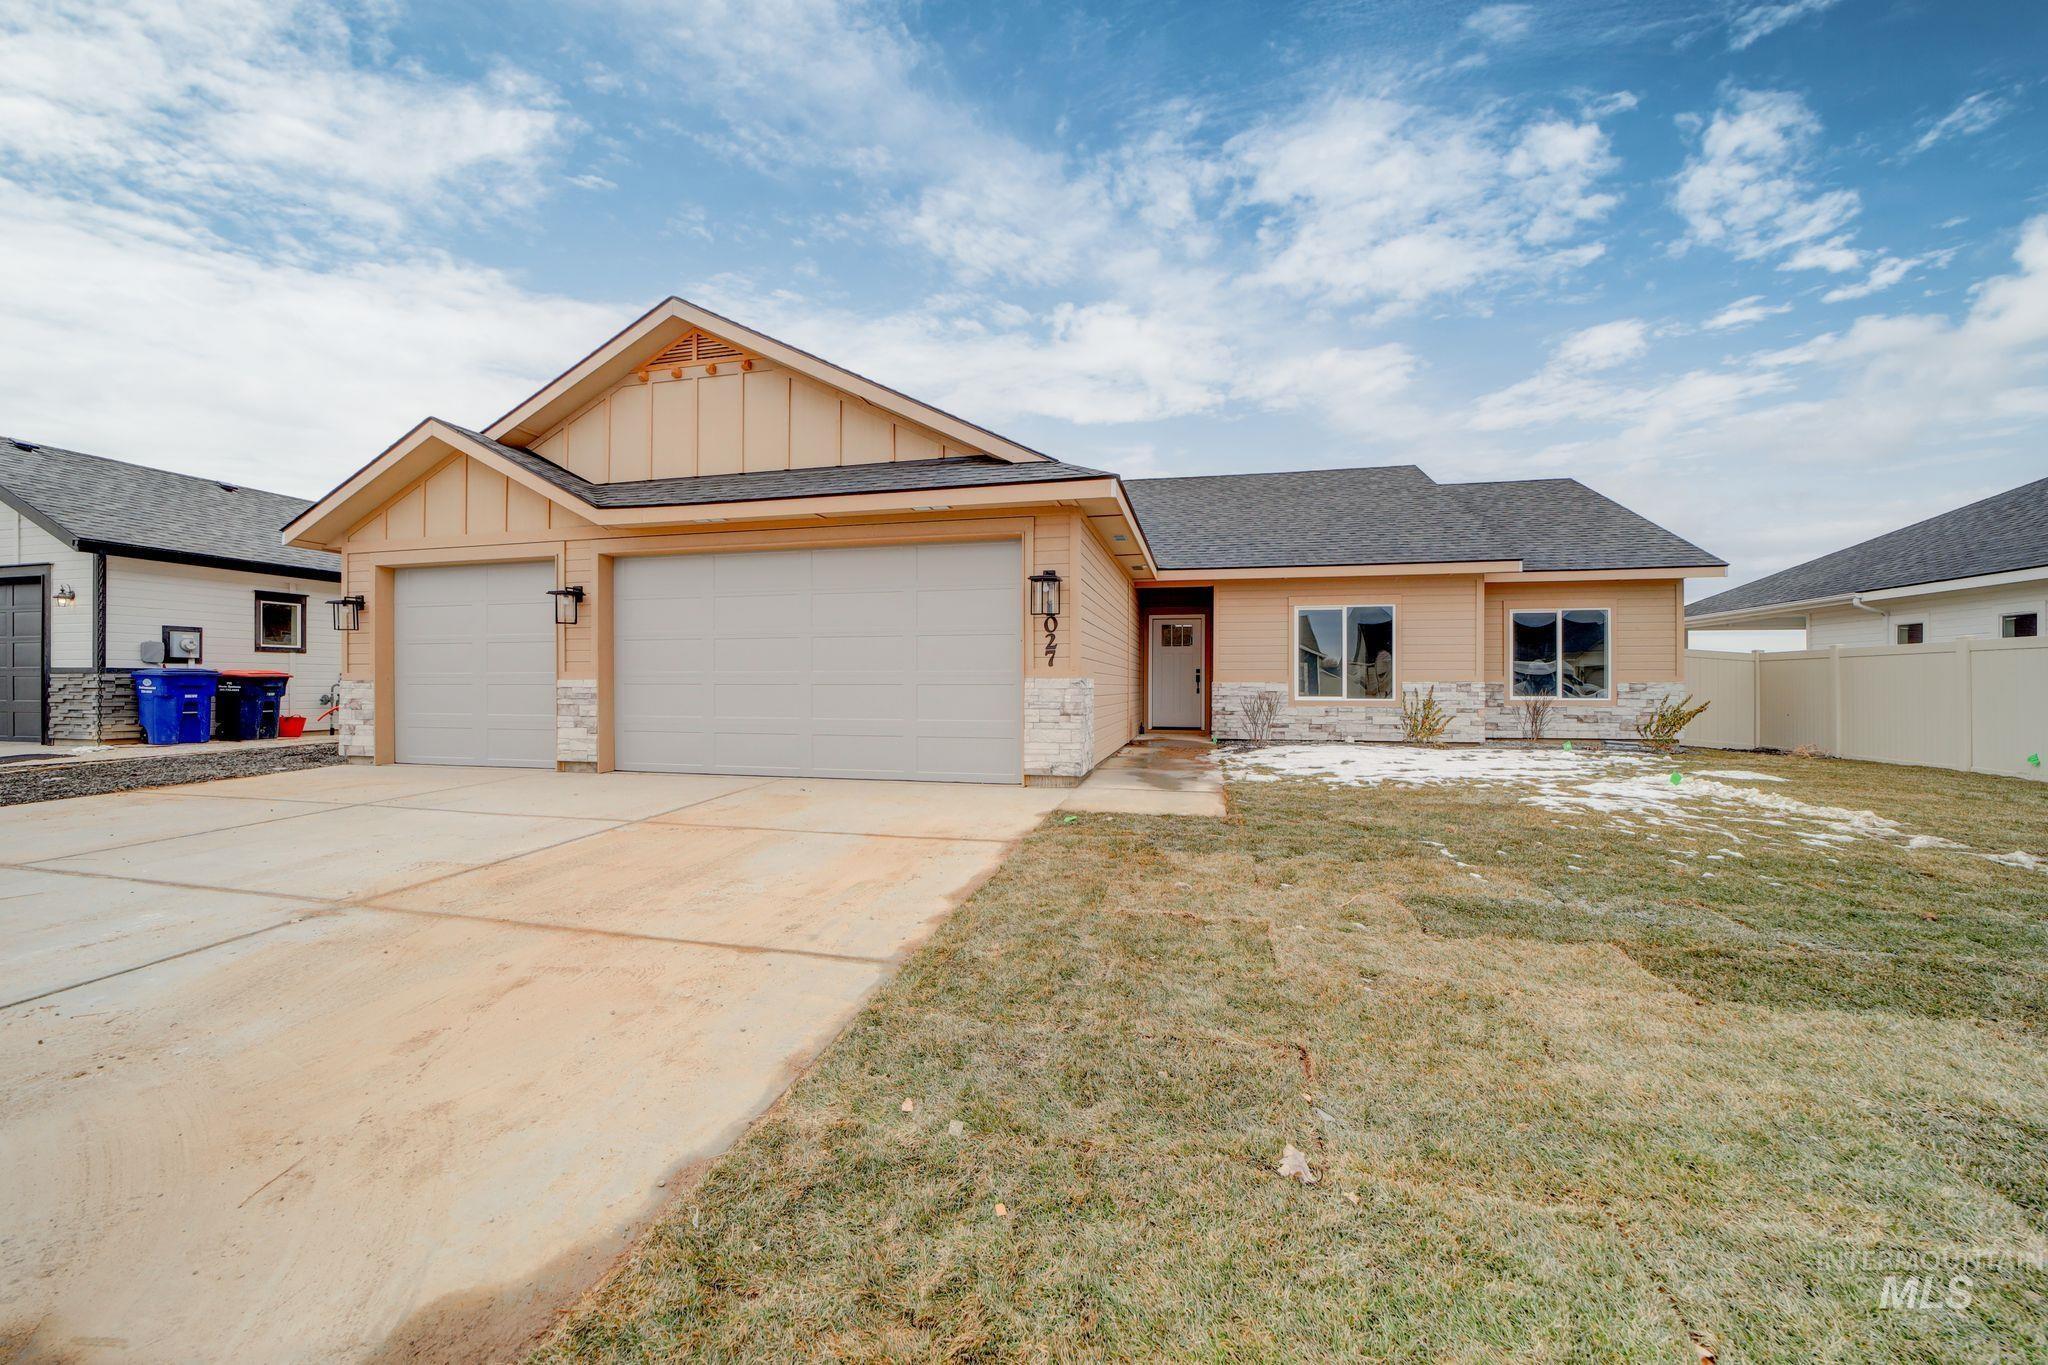 973 Kenbrook Loop Property Photo 1